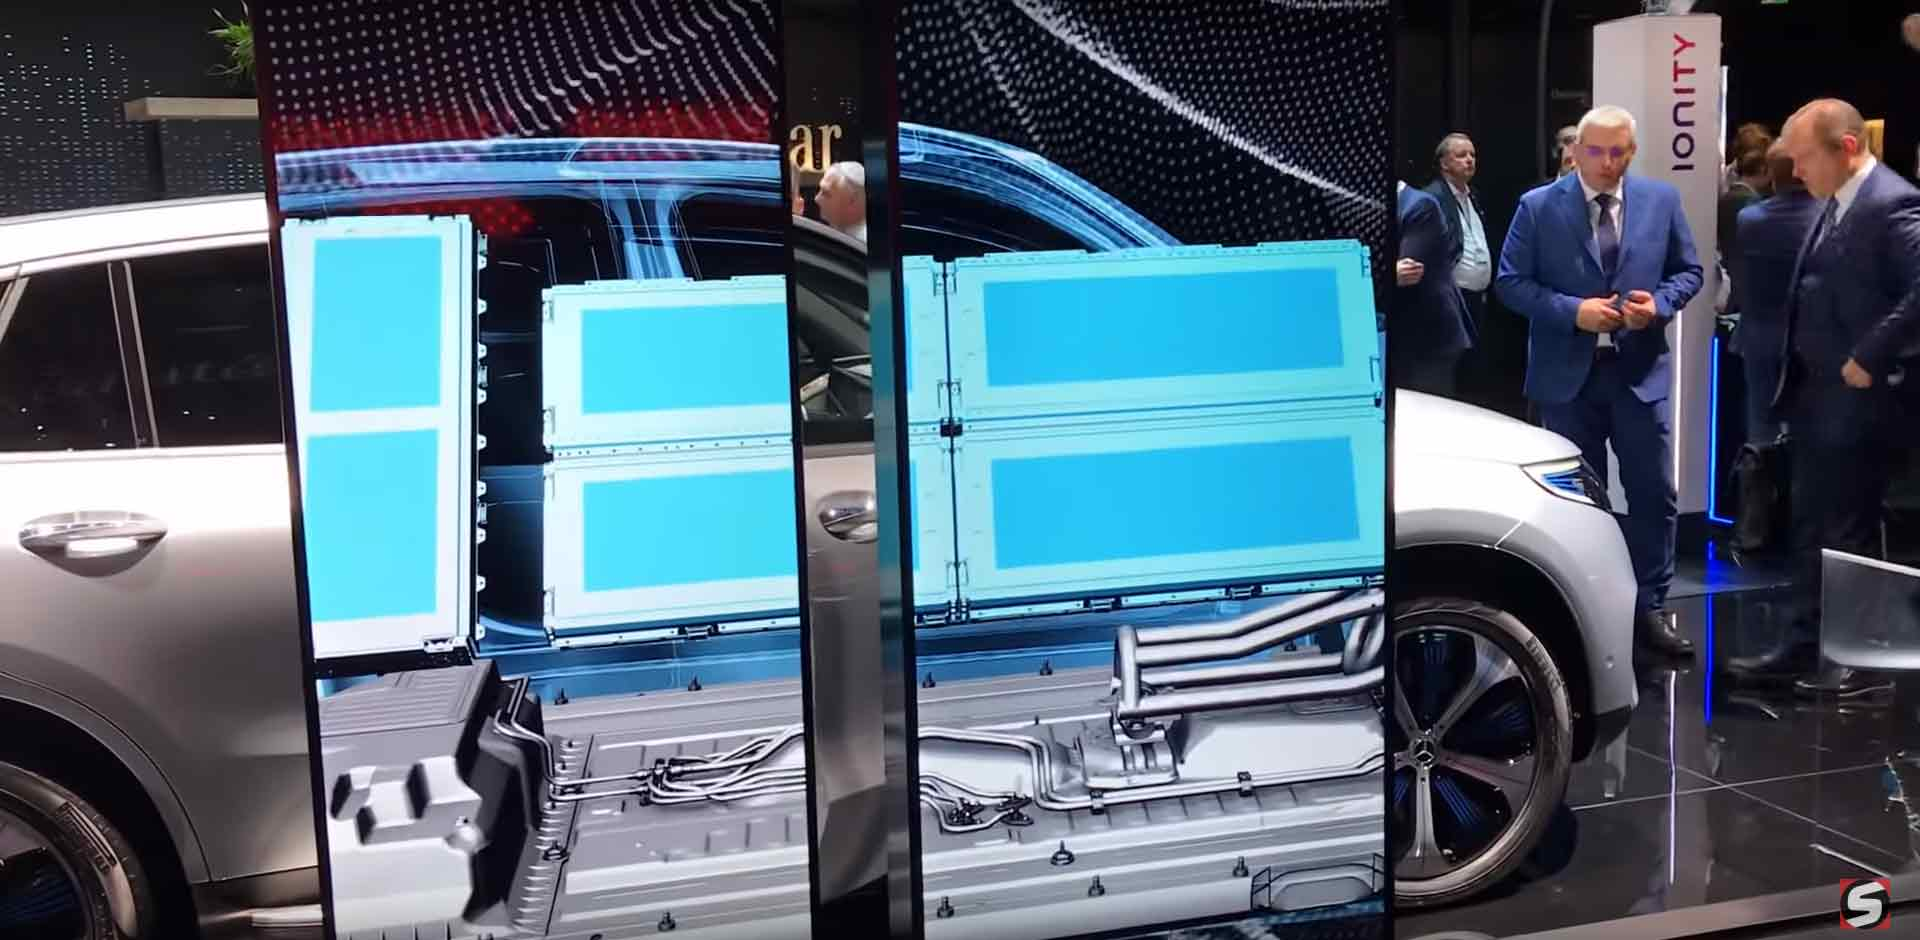 EQ akumulátor na autosalóne v Ženeve